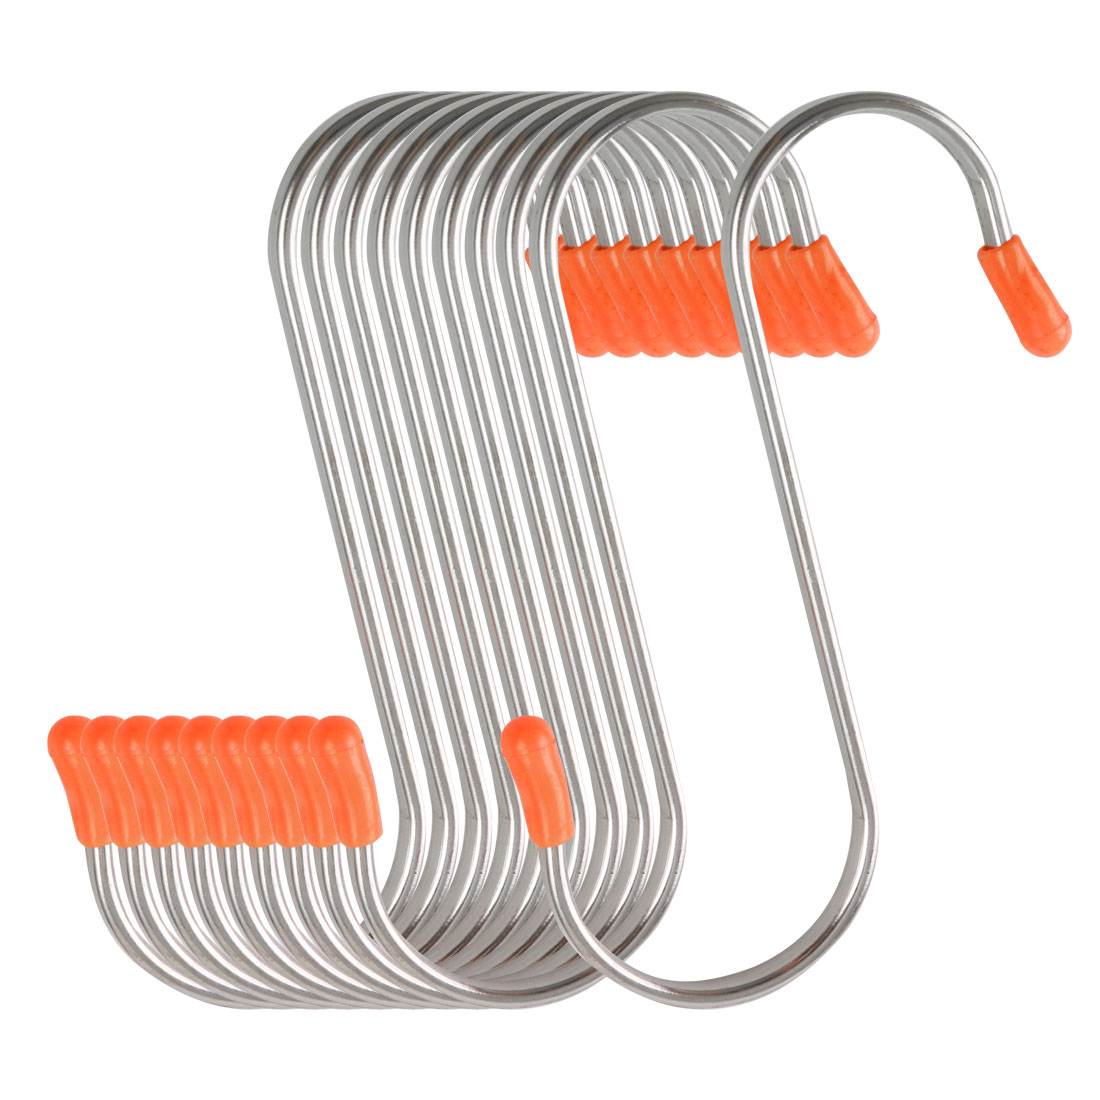 10 Pack S Shape Hooks Rack Stainless Steel for Pot Utensils Holder Silver Tone